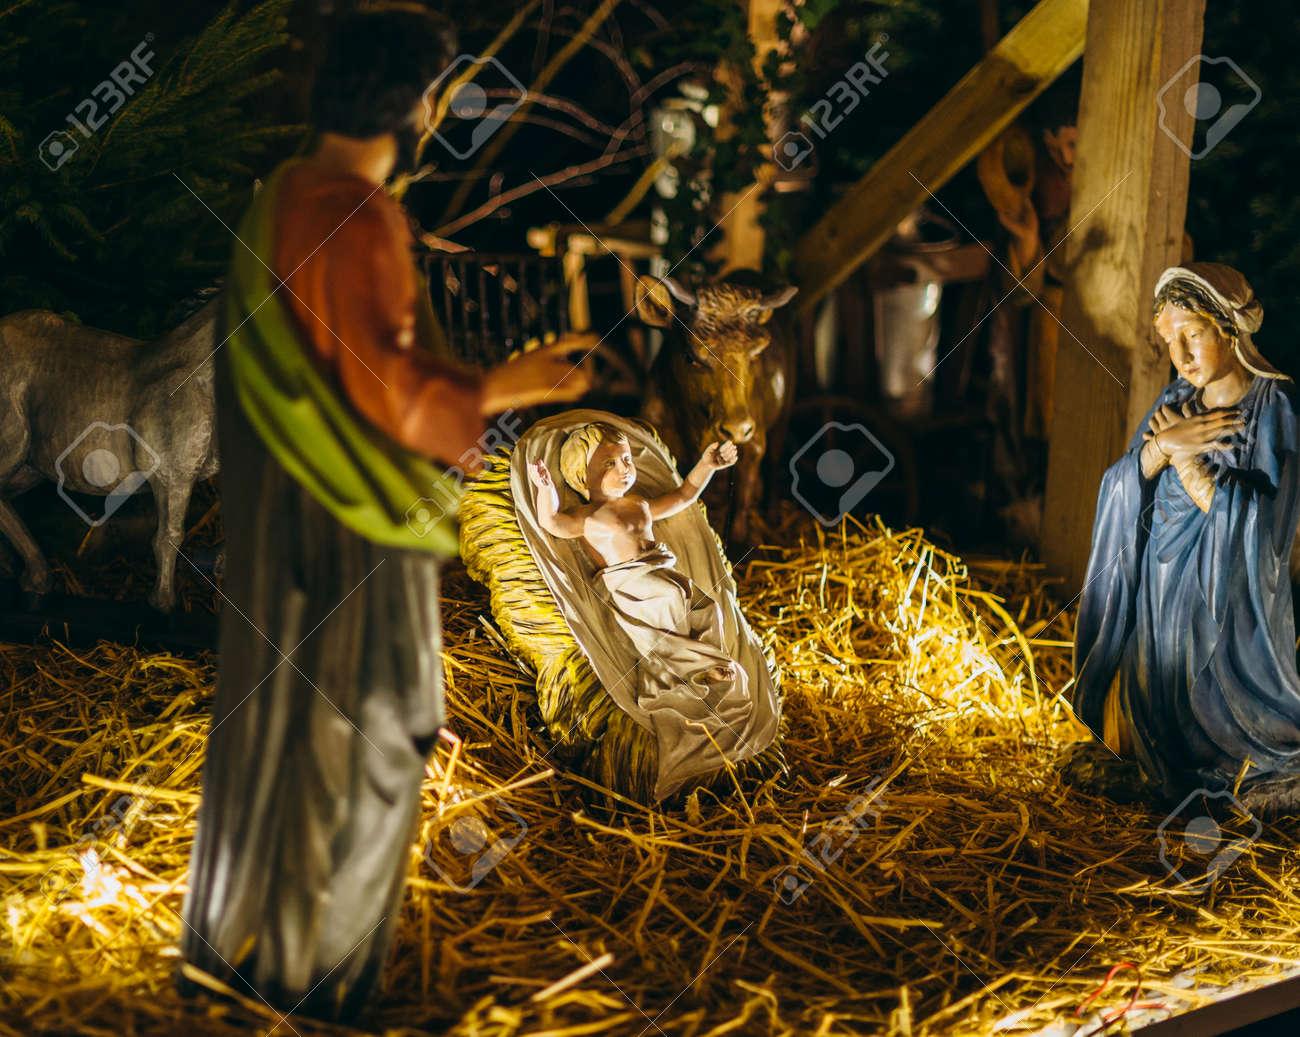 Foto Del Presepe Di Natale.Statue Del Presepe Durante Il Mercatino Di Natale A Strasburgo In Francia Con Gesu Maria E Giuseppe